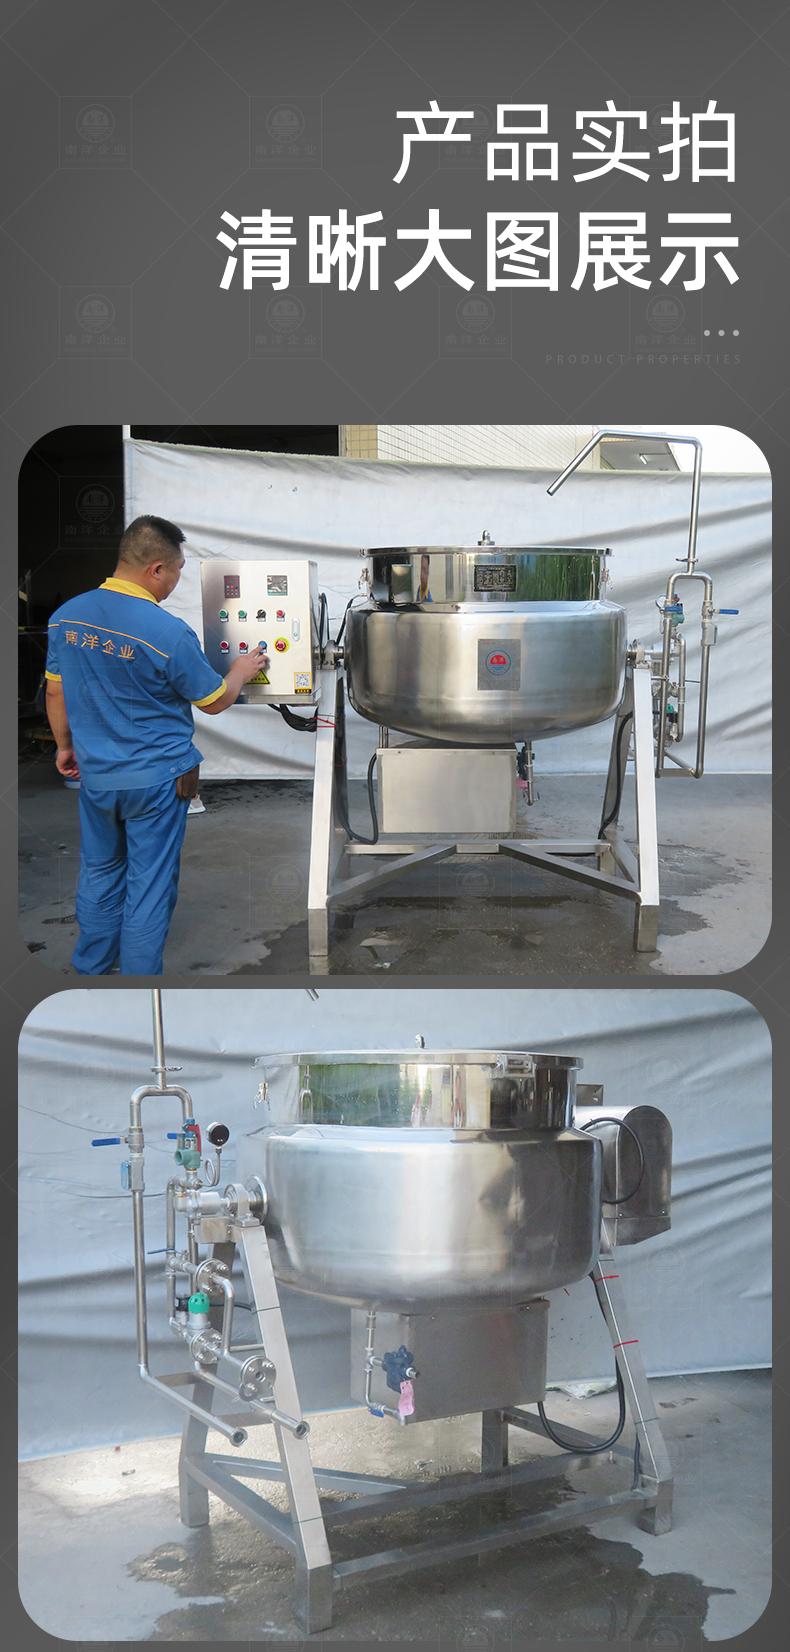 南洋夹层锅——自动蒸汽煮锅,底部搅拌-500L_12.jpg